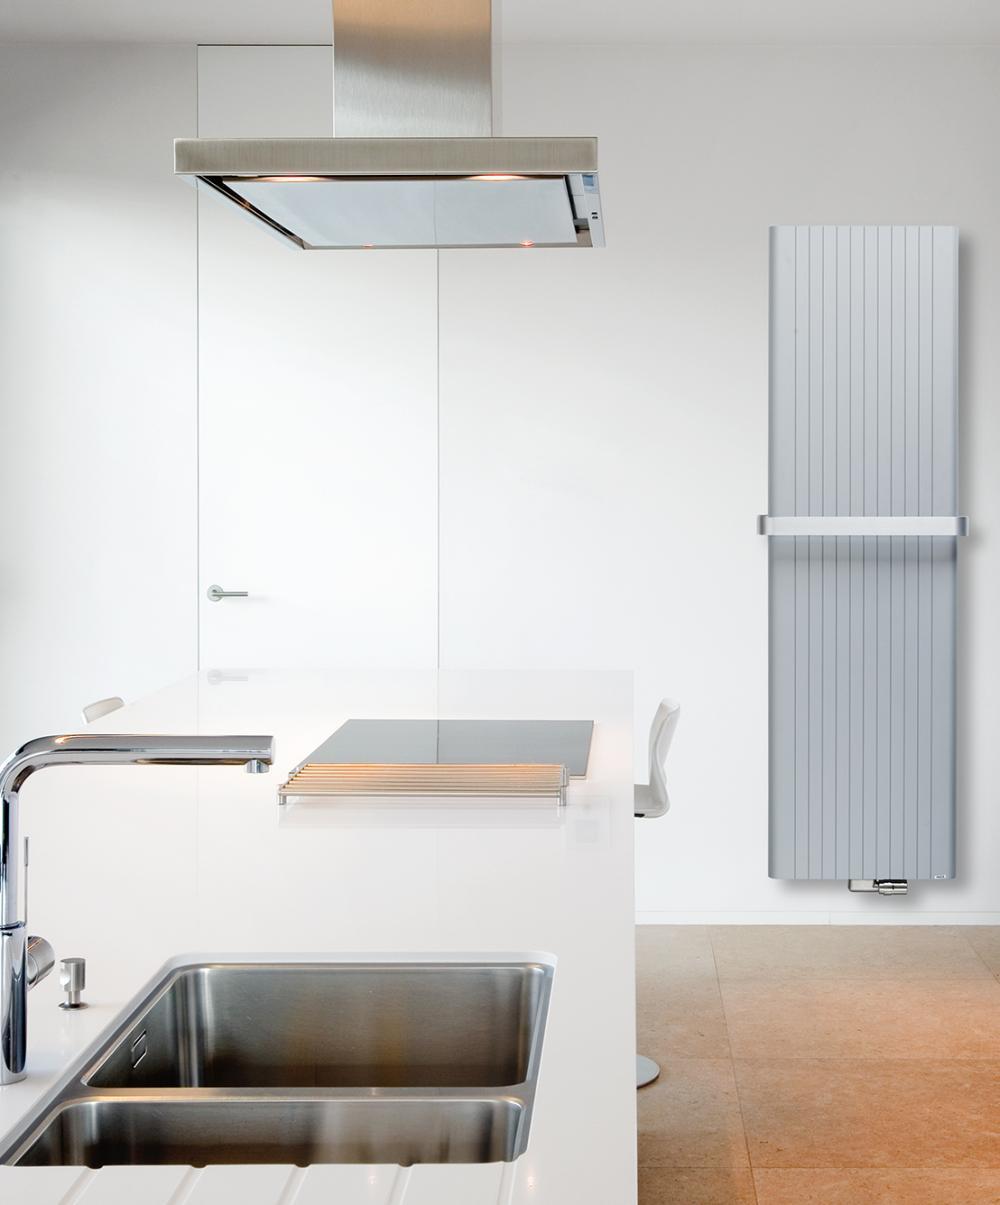 Calorifere decorative aluminiu Vasco Alu-Zen 2200x525 mm, 2212 W